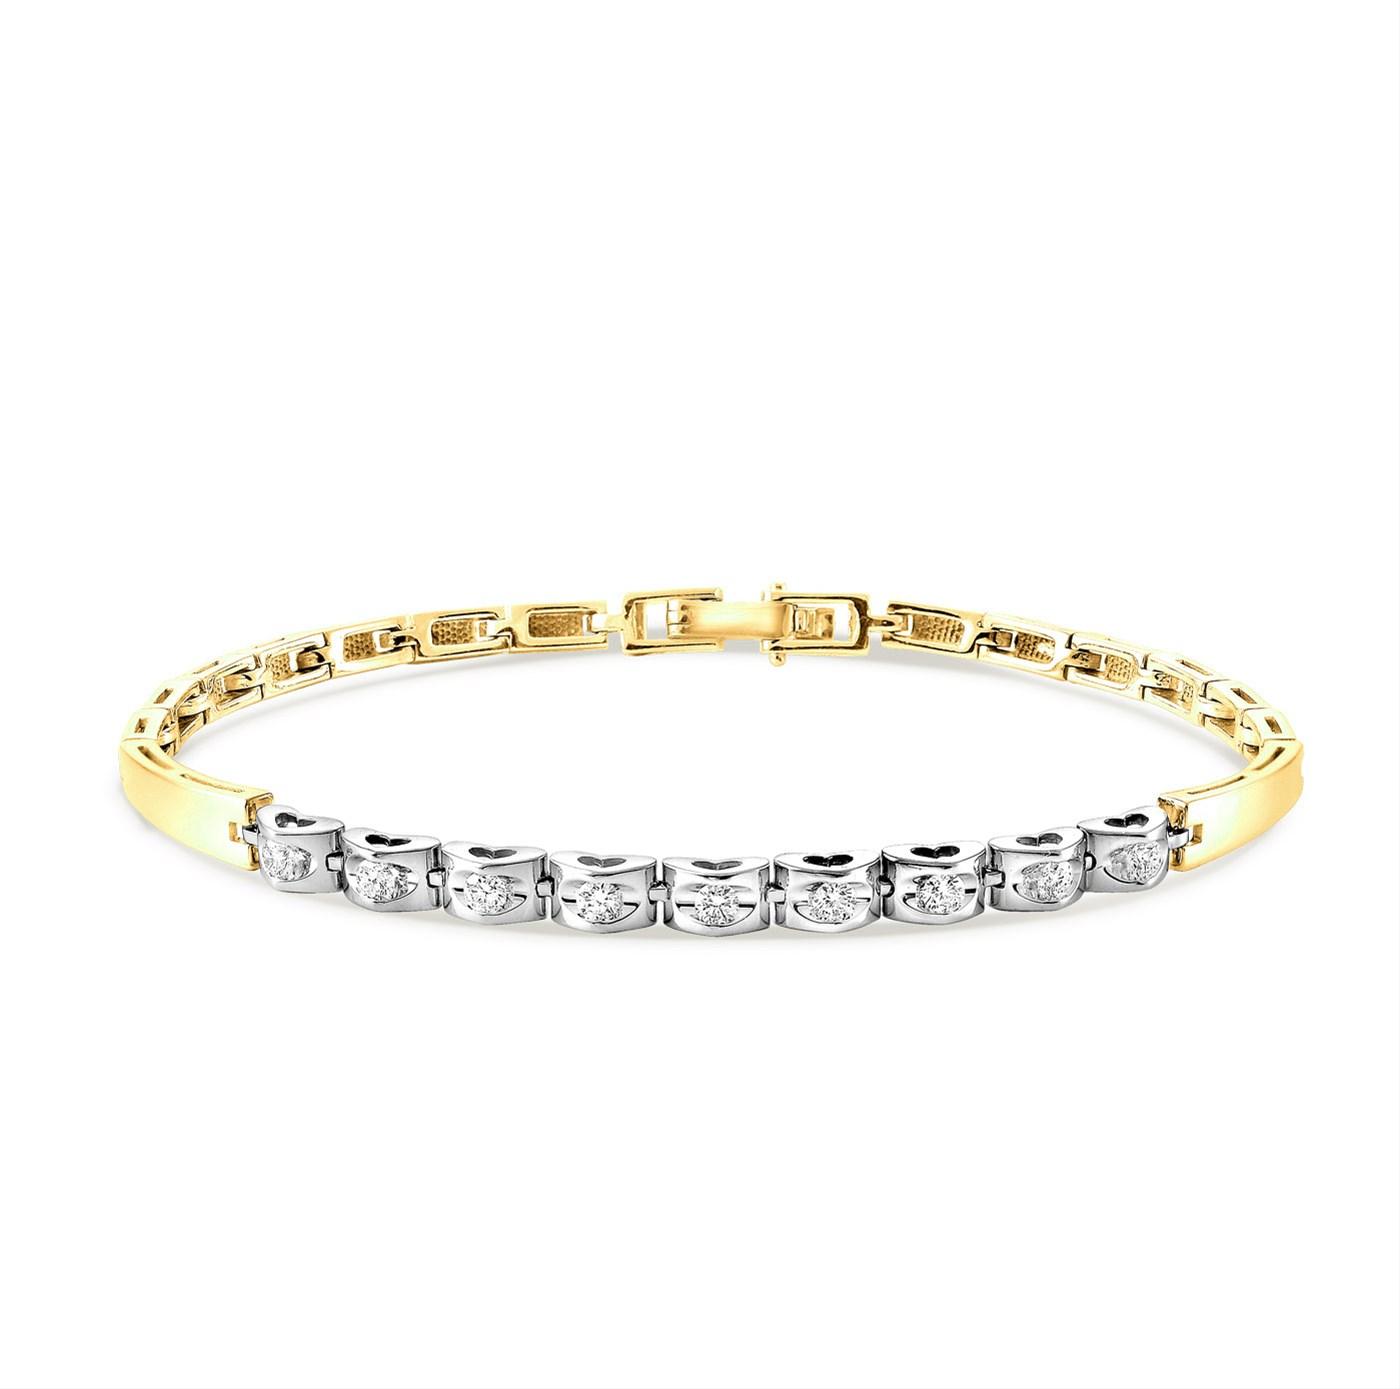 Браслет из лимонного золота с бриллиантом арт. 4-2004-1000 4-2004-1000